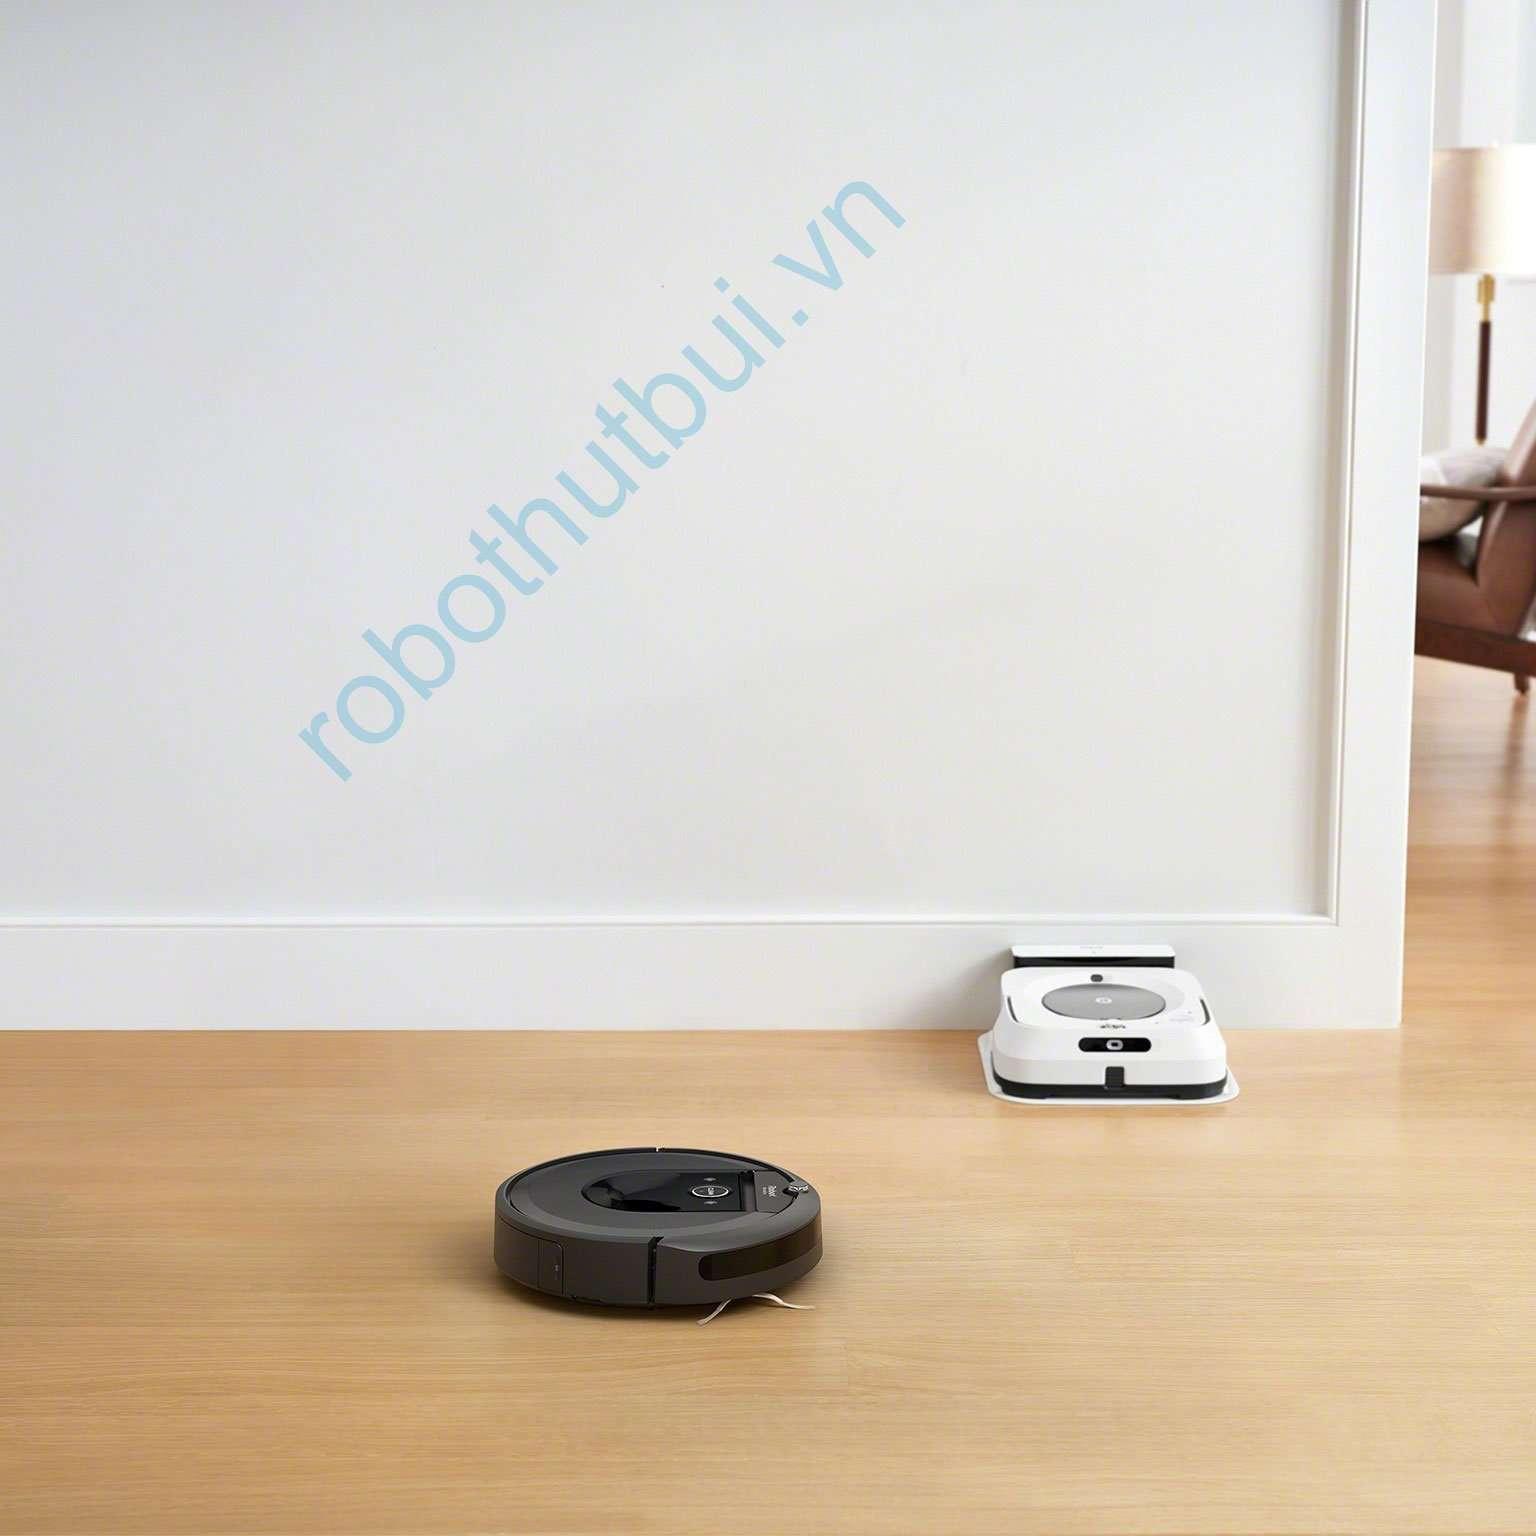 Công nghệ Imprint Link của iRobot Roomba i7